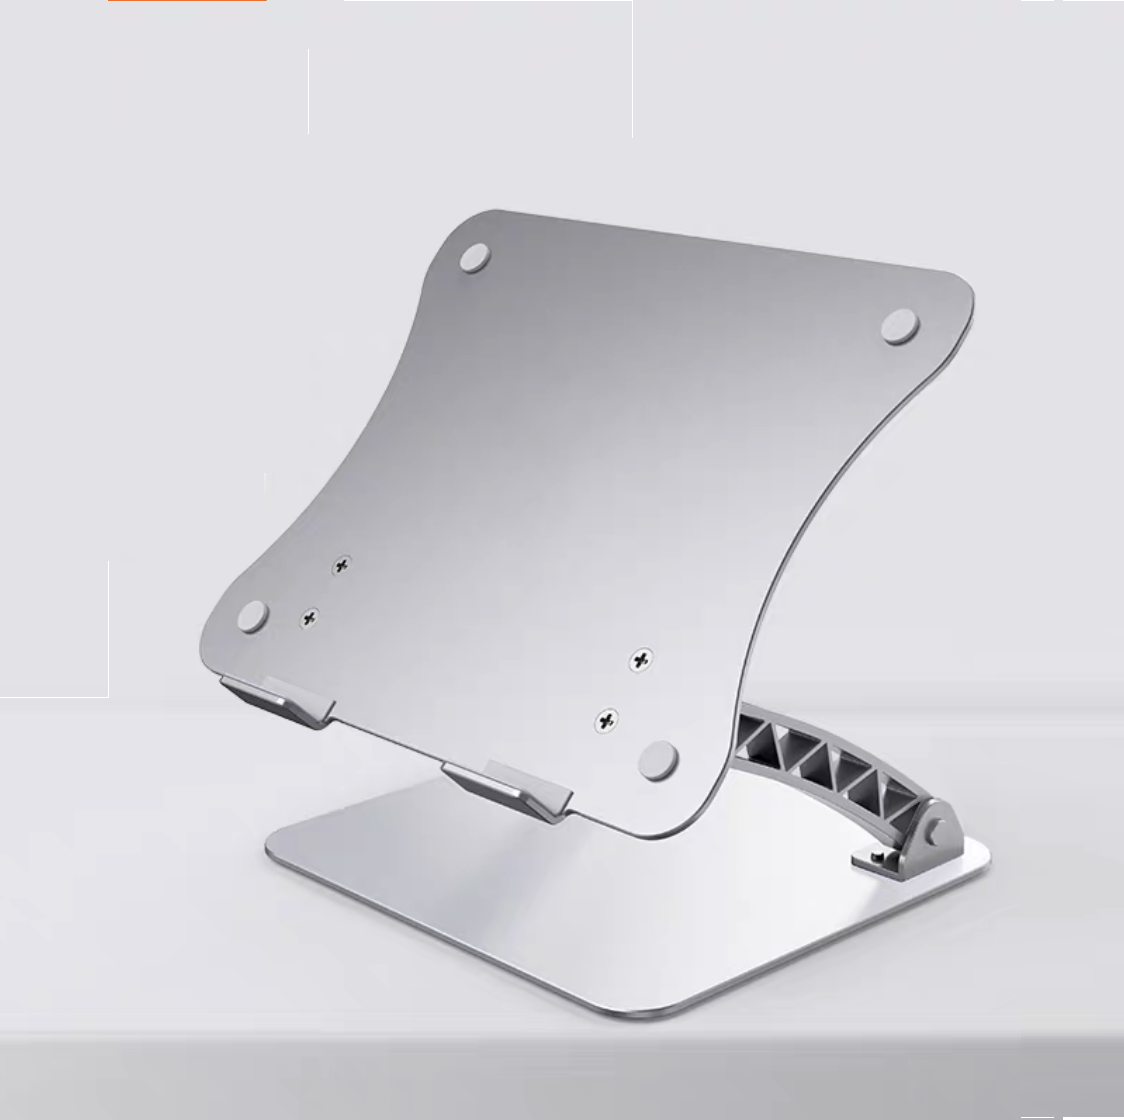 Giá đỡ laptop nhôm nguyên khối nâng cao Laptop Macbook có thể chỉnh độ cao